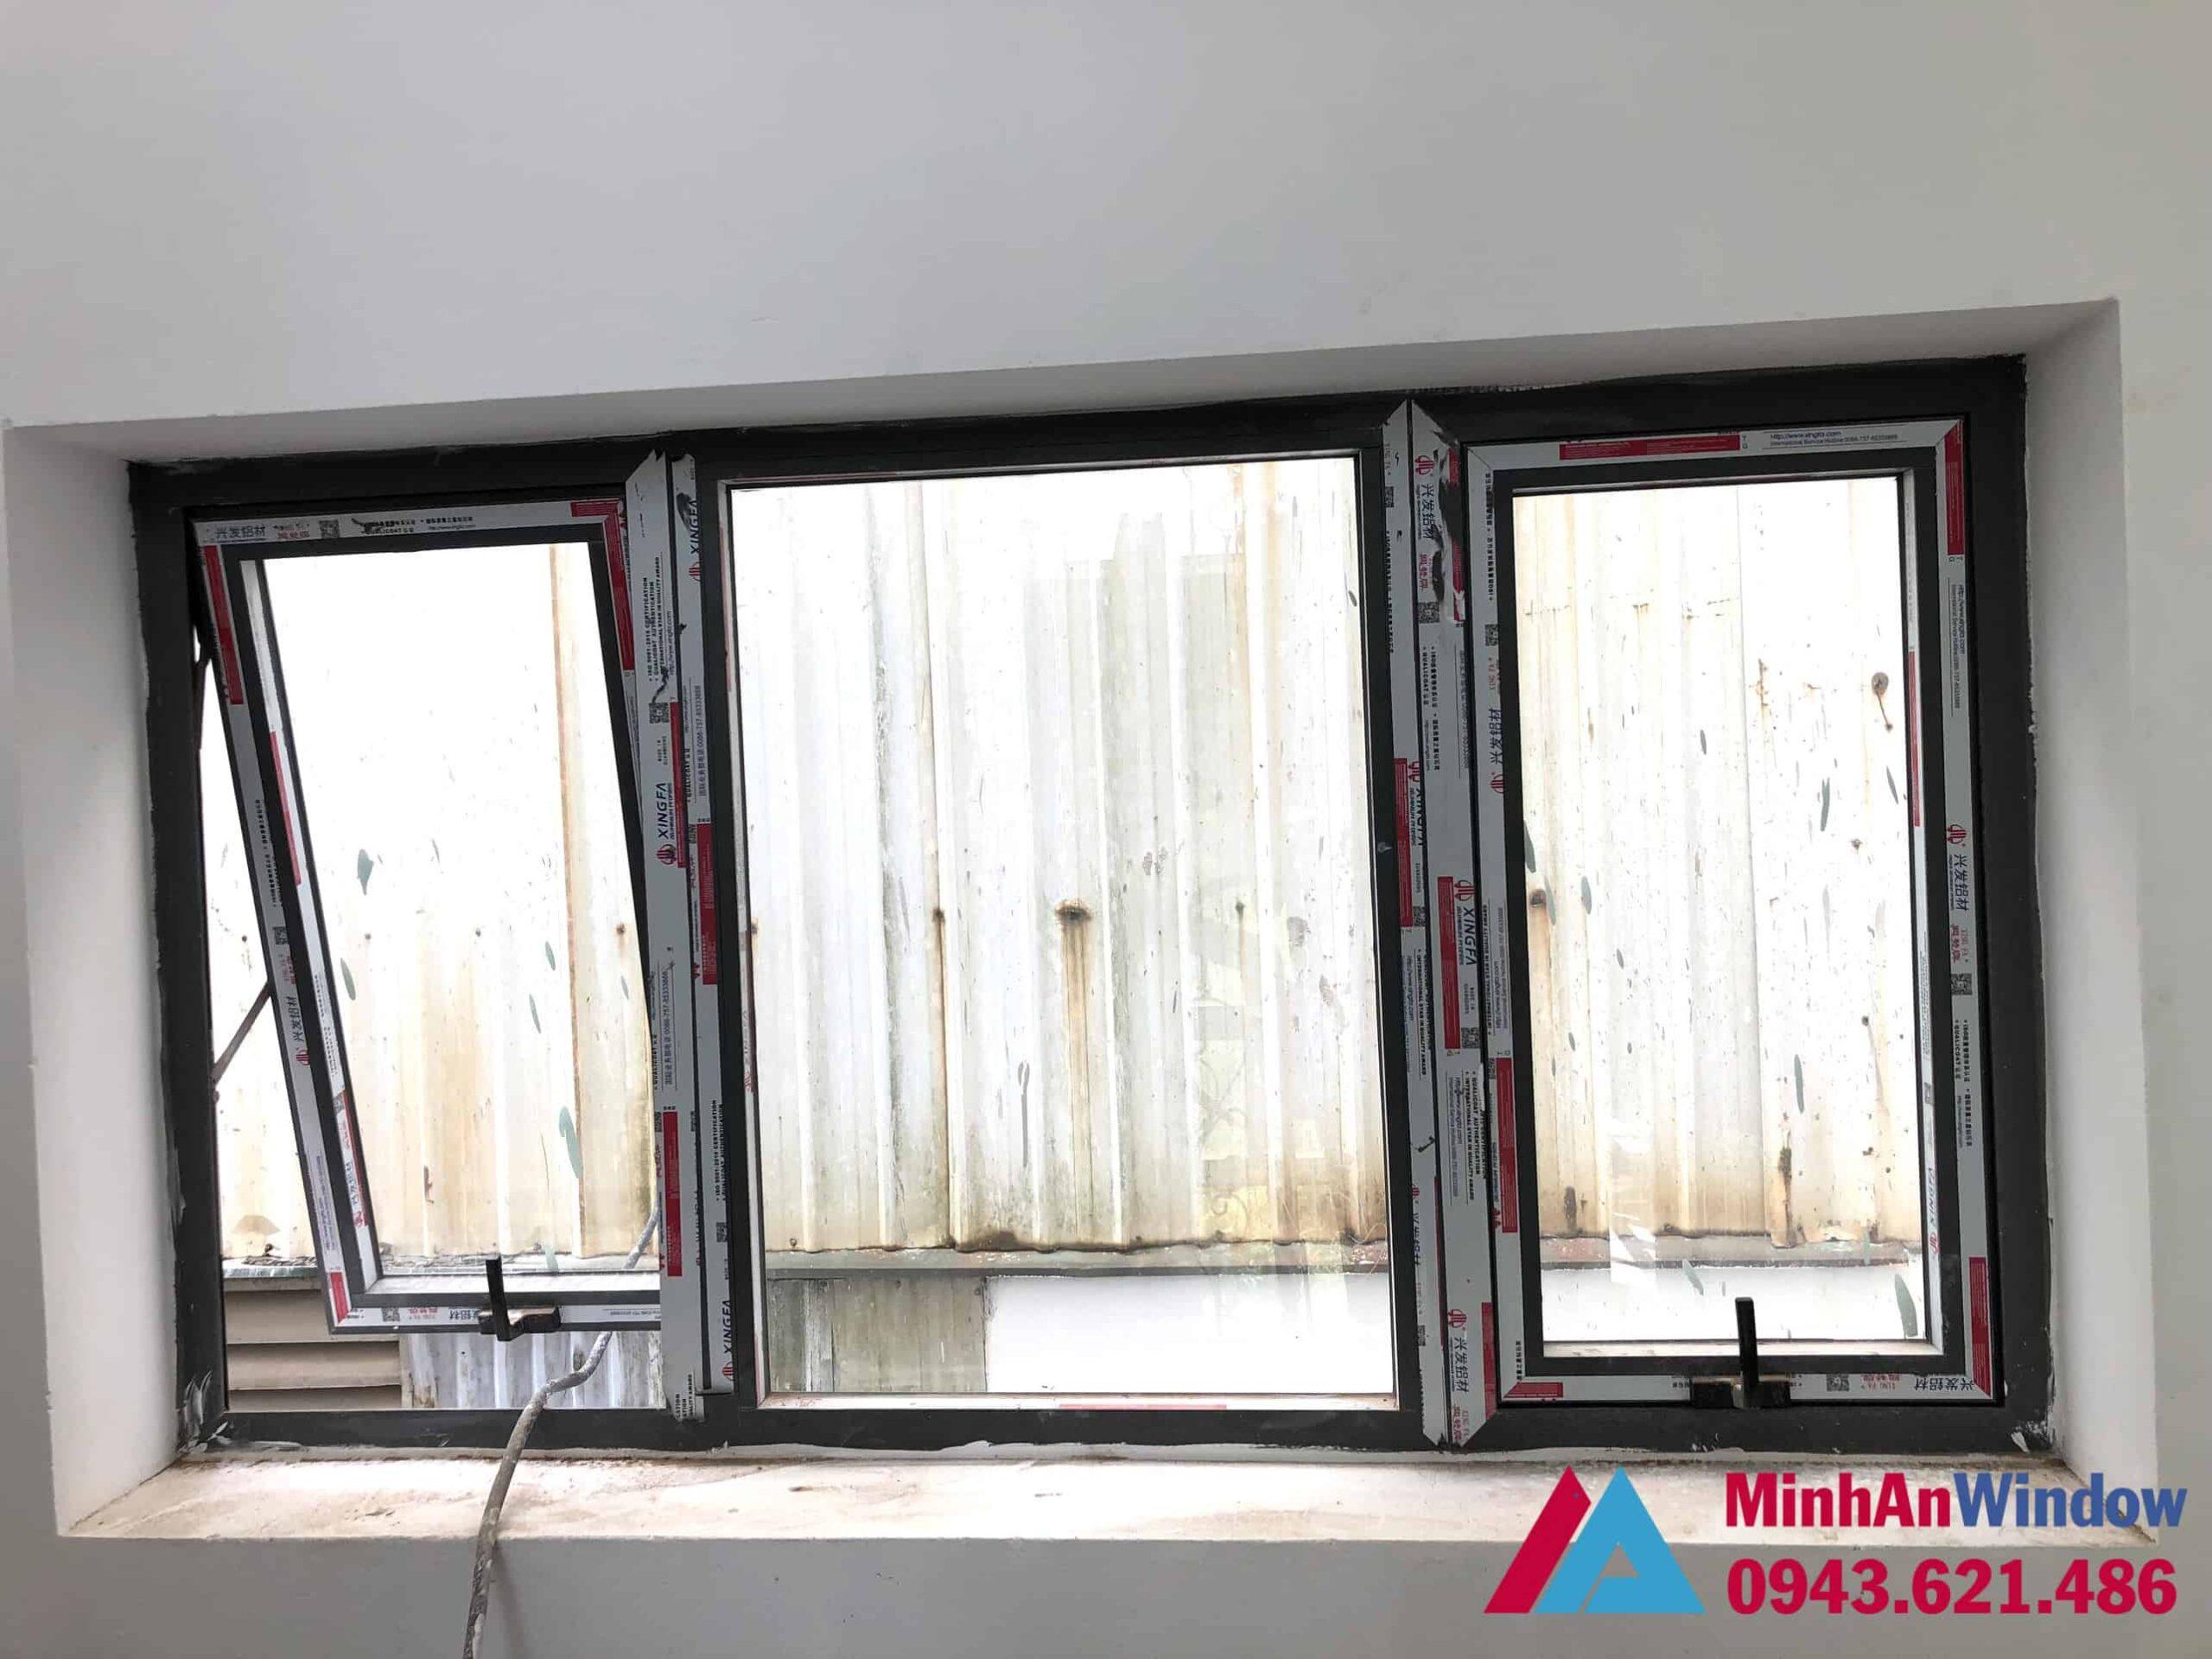 Mẫu cửa sổ nhôm kính 3 cánh Minh An Window lắp đặt tại huyện Ba Vì